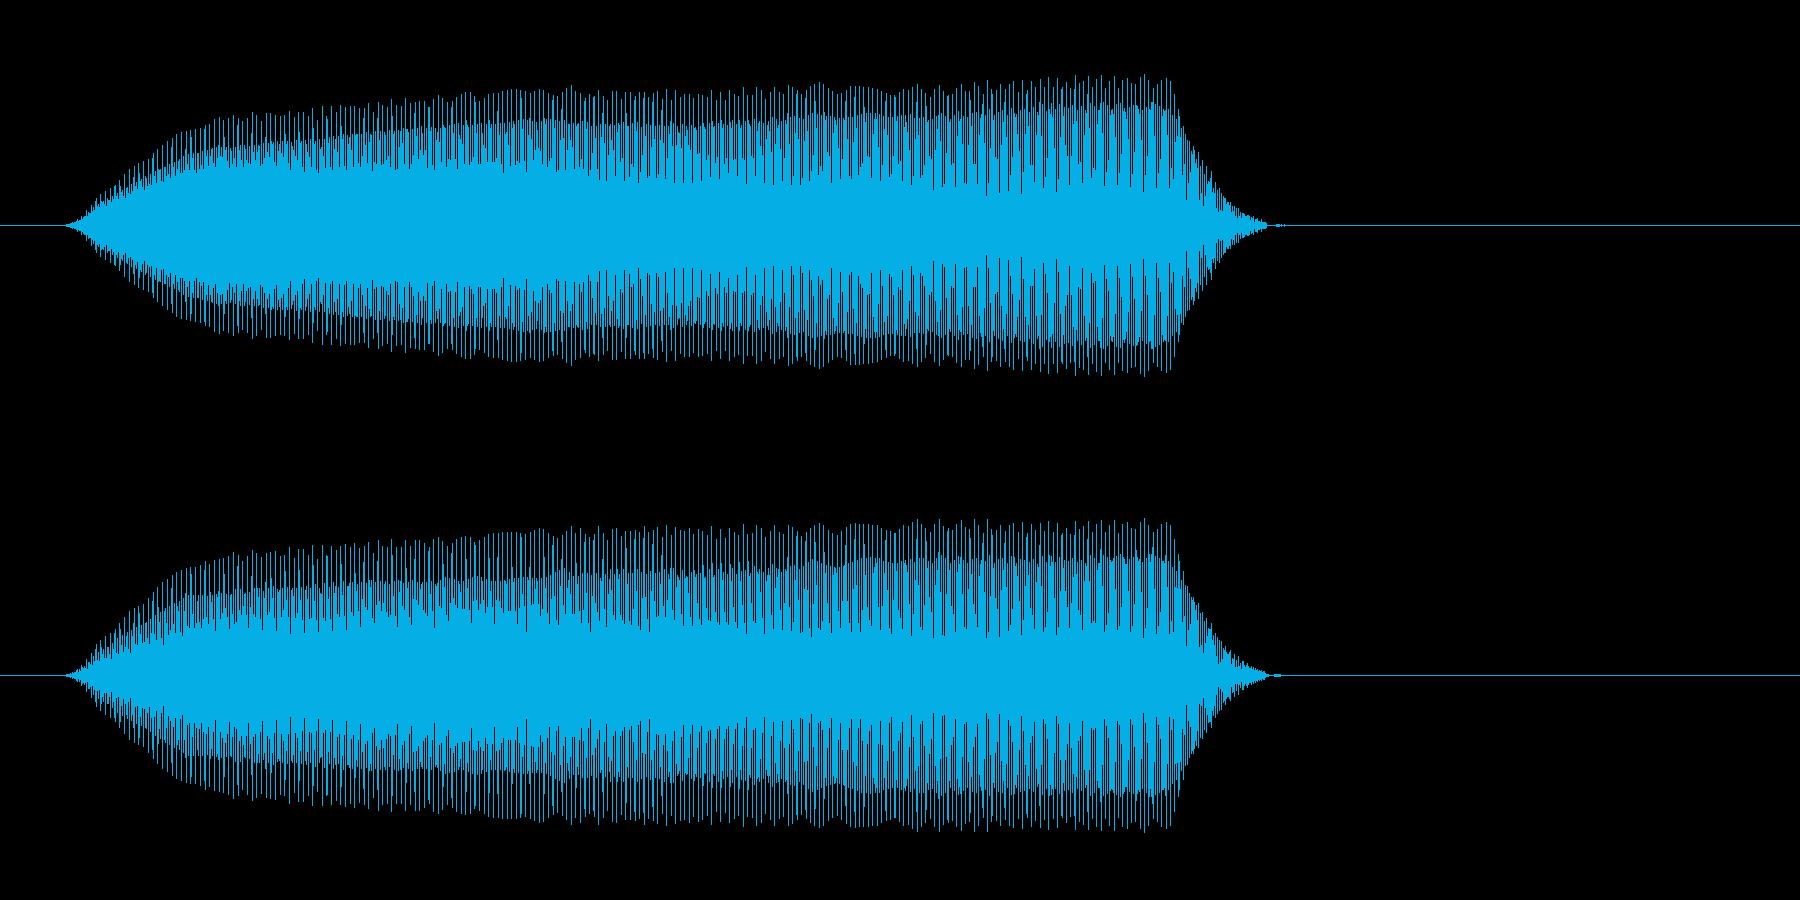 ピィィッ(鳥が鳴くような効果音)の再生済みの波形